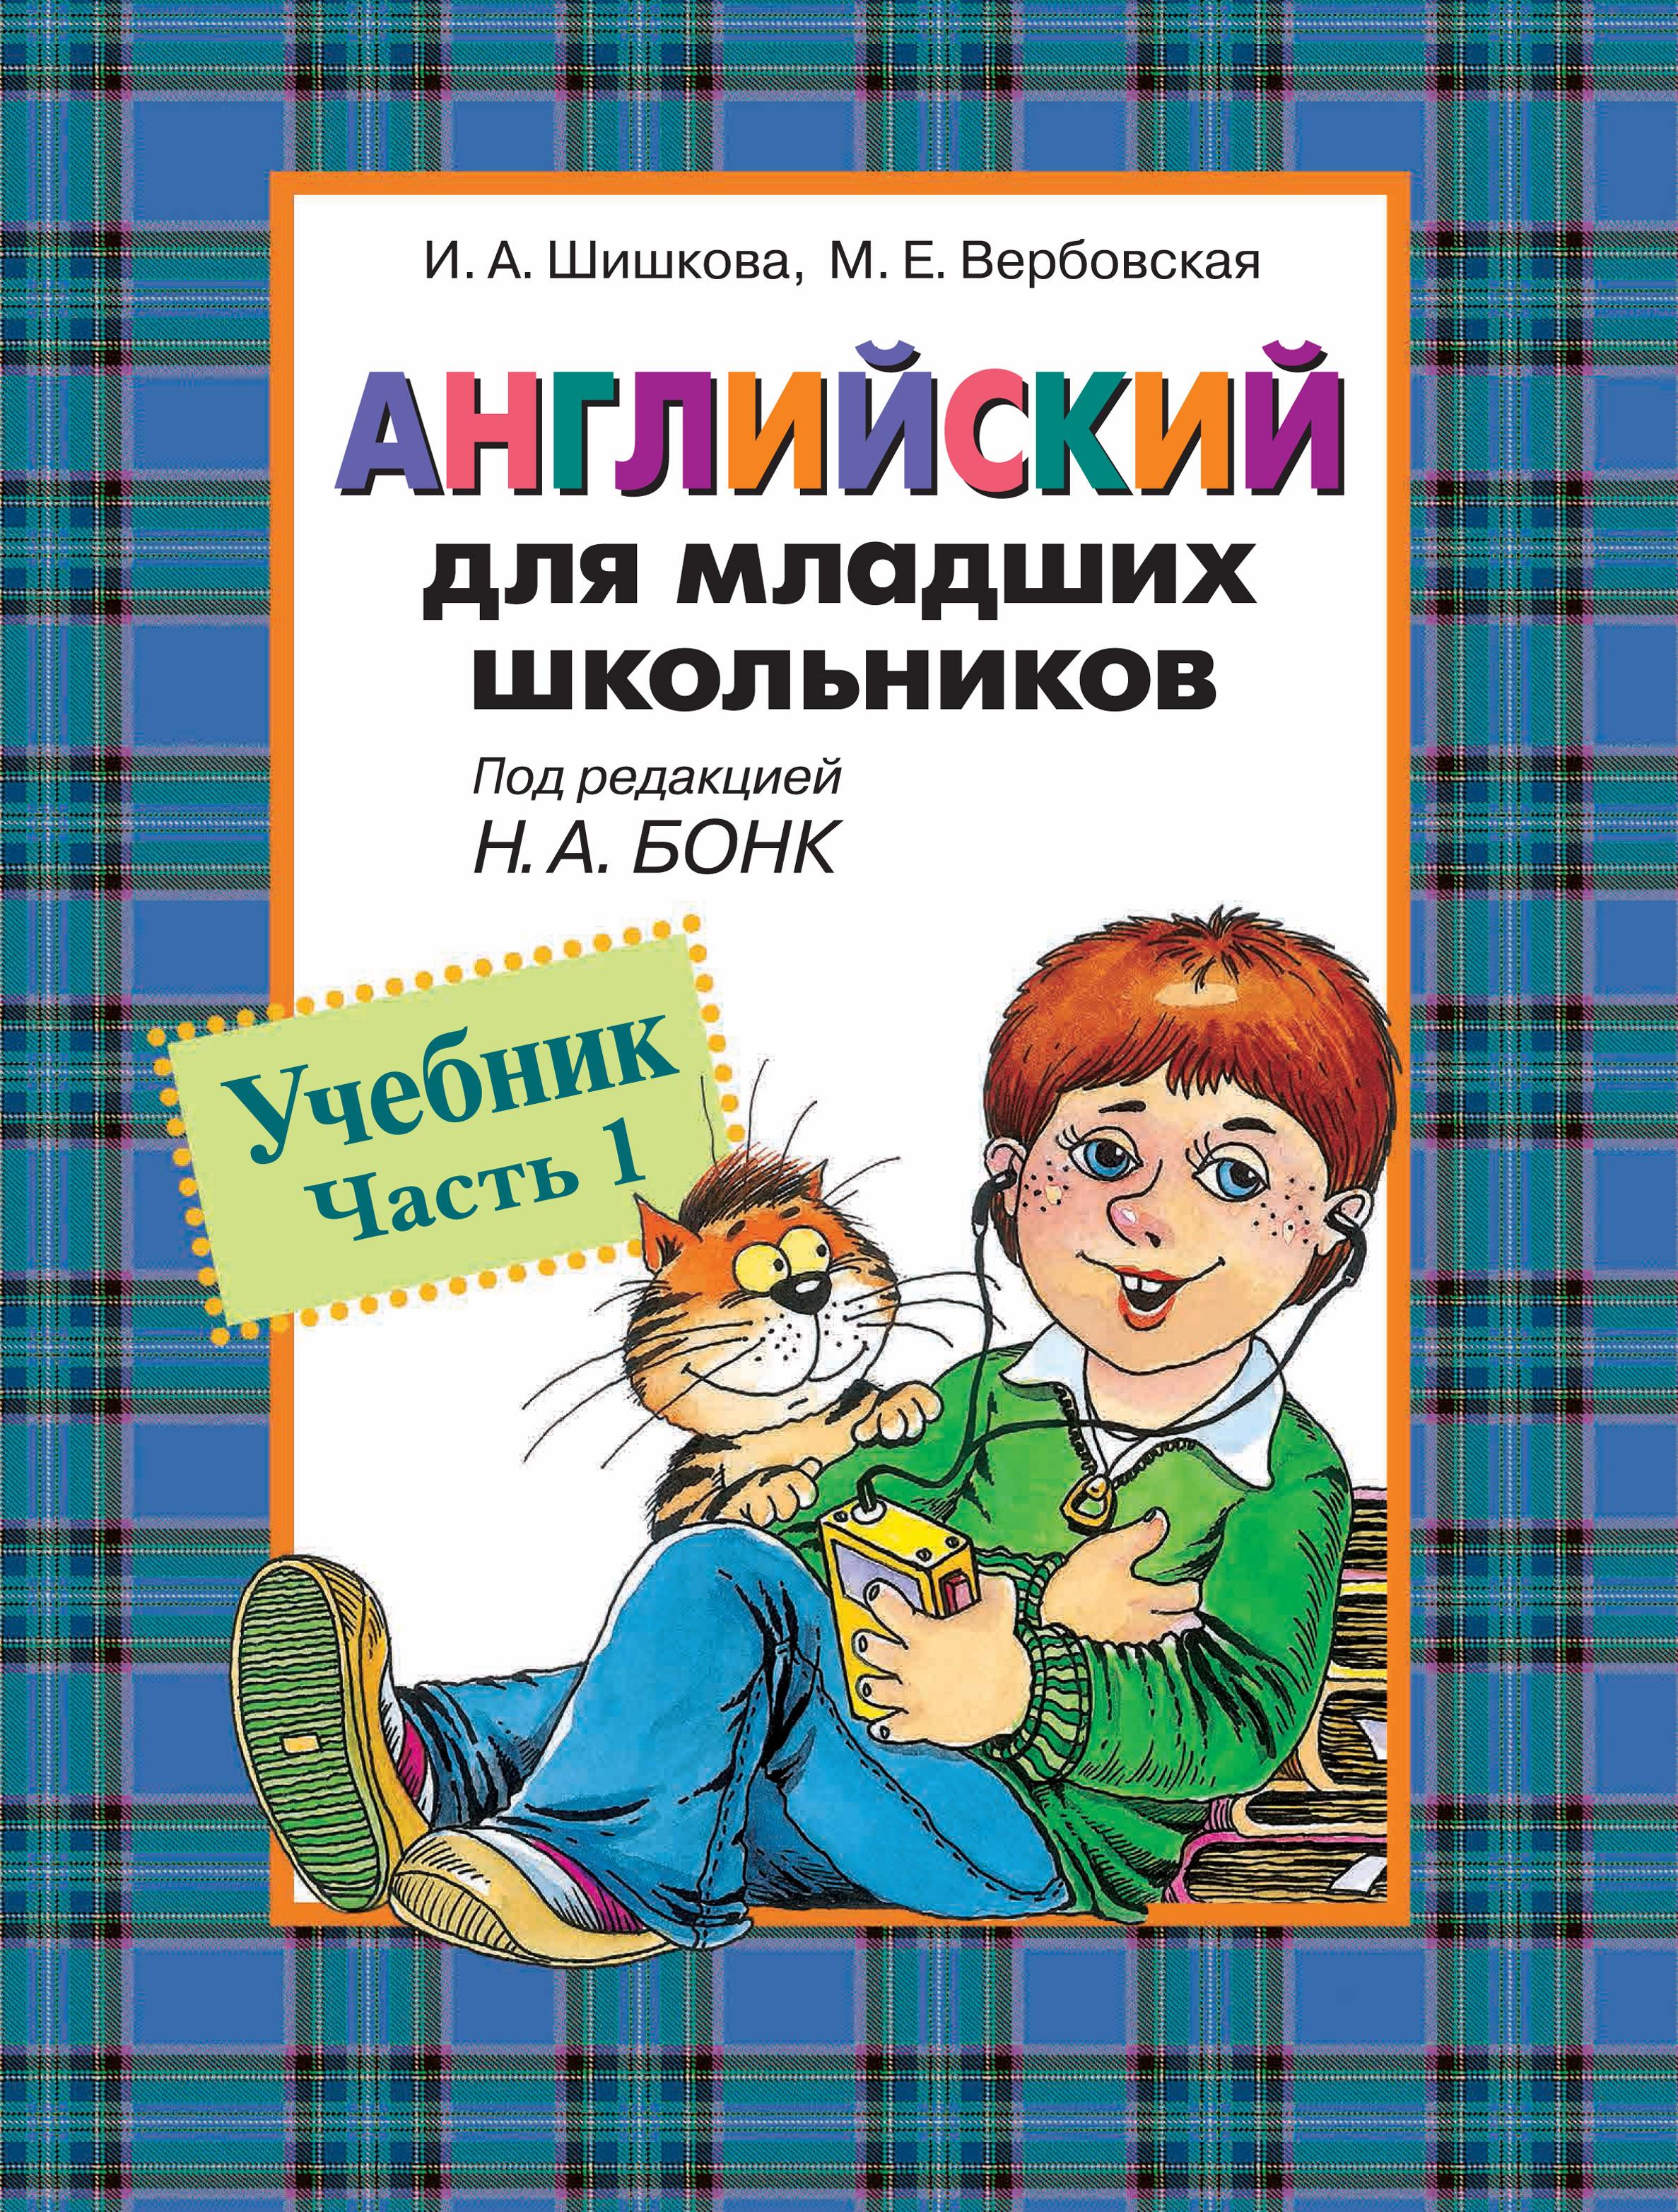 И. А. Шишкова Английский для младших школьников. Учебник. Часть 1